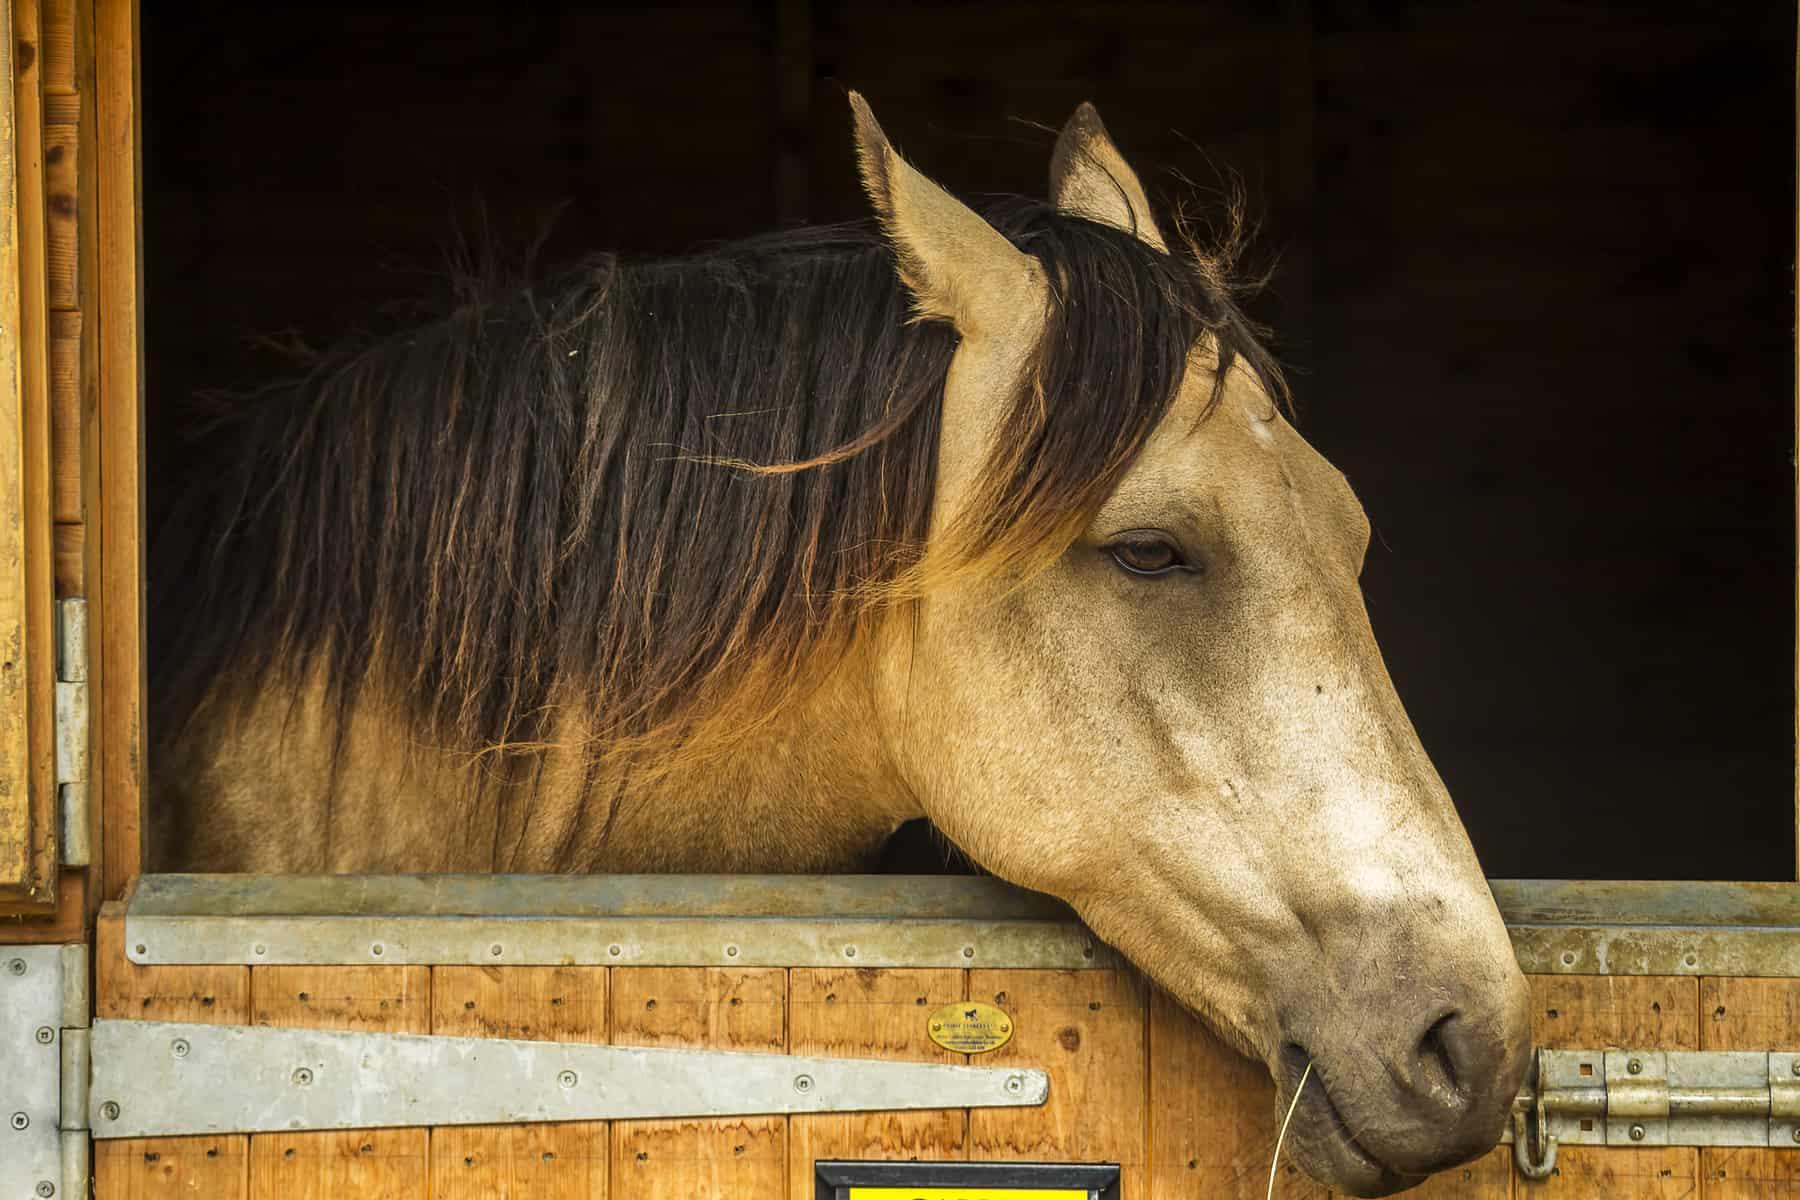 The Horse, Boehringer Ingelheim Partner for Gastric Ulcer Awareness Month